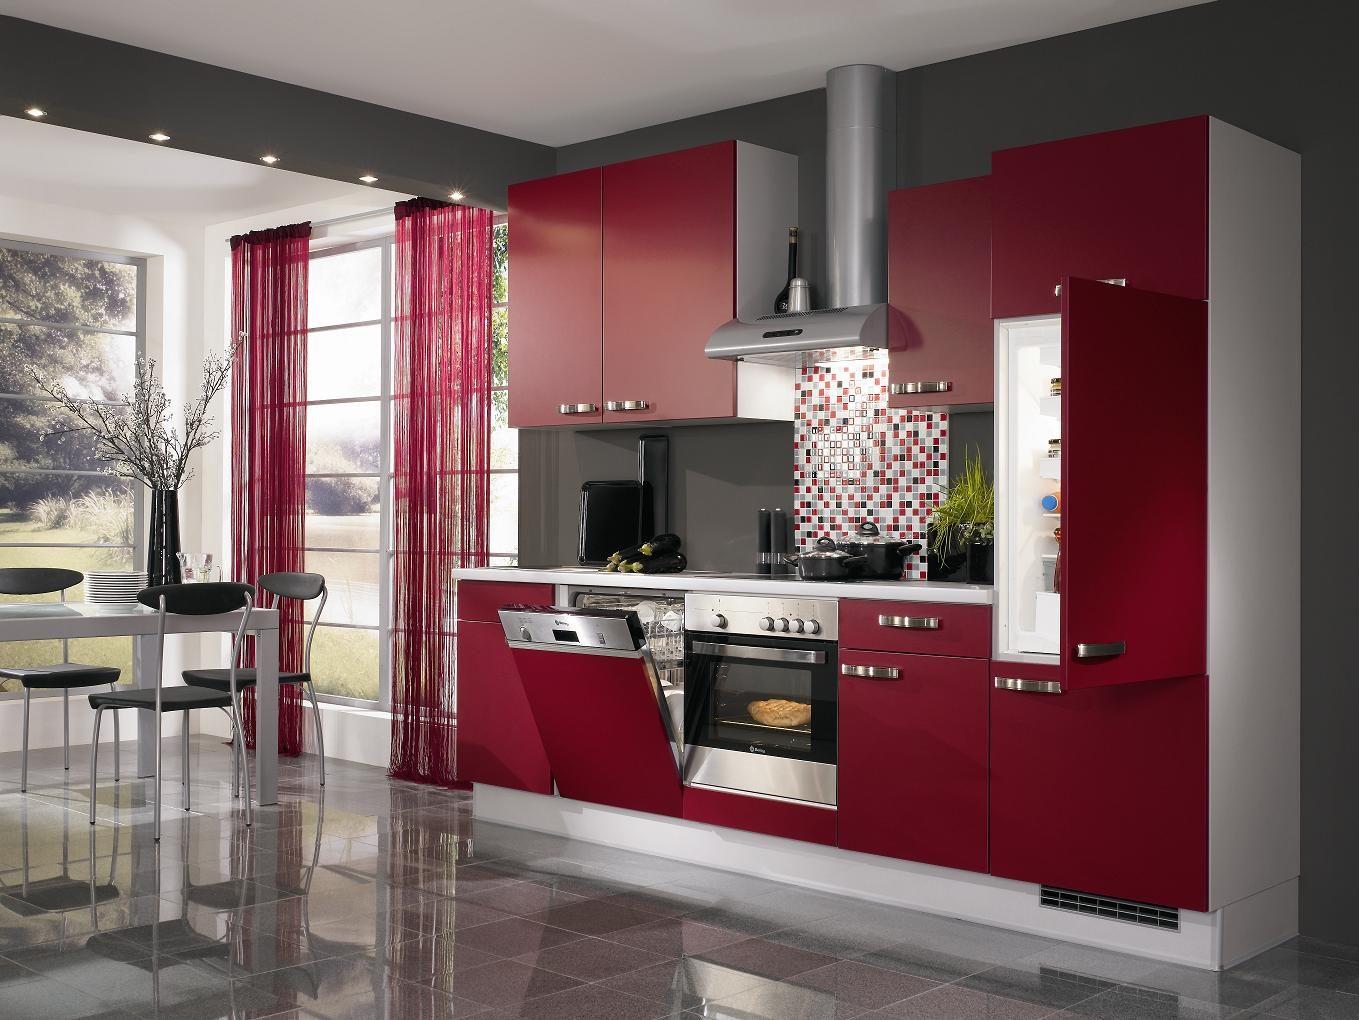 Cocina De Color Rojo Imagenes Y Fotos - Colores-de-cocina